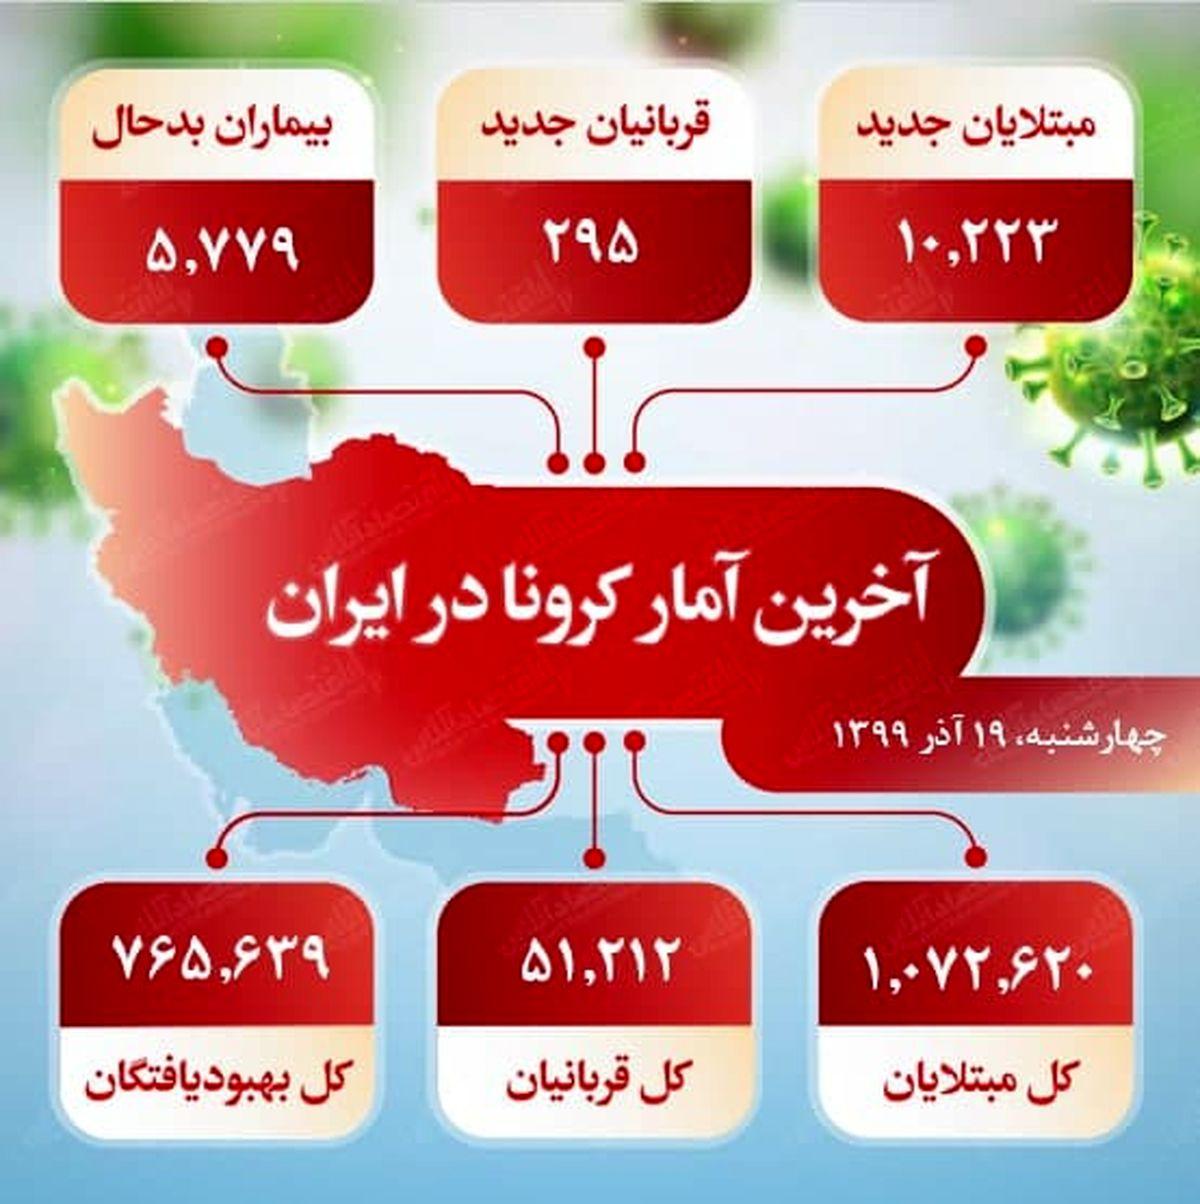 آخرین آمار کرونا در ایران (۹۹/۹/۱۹)